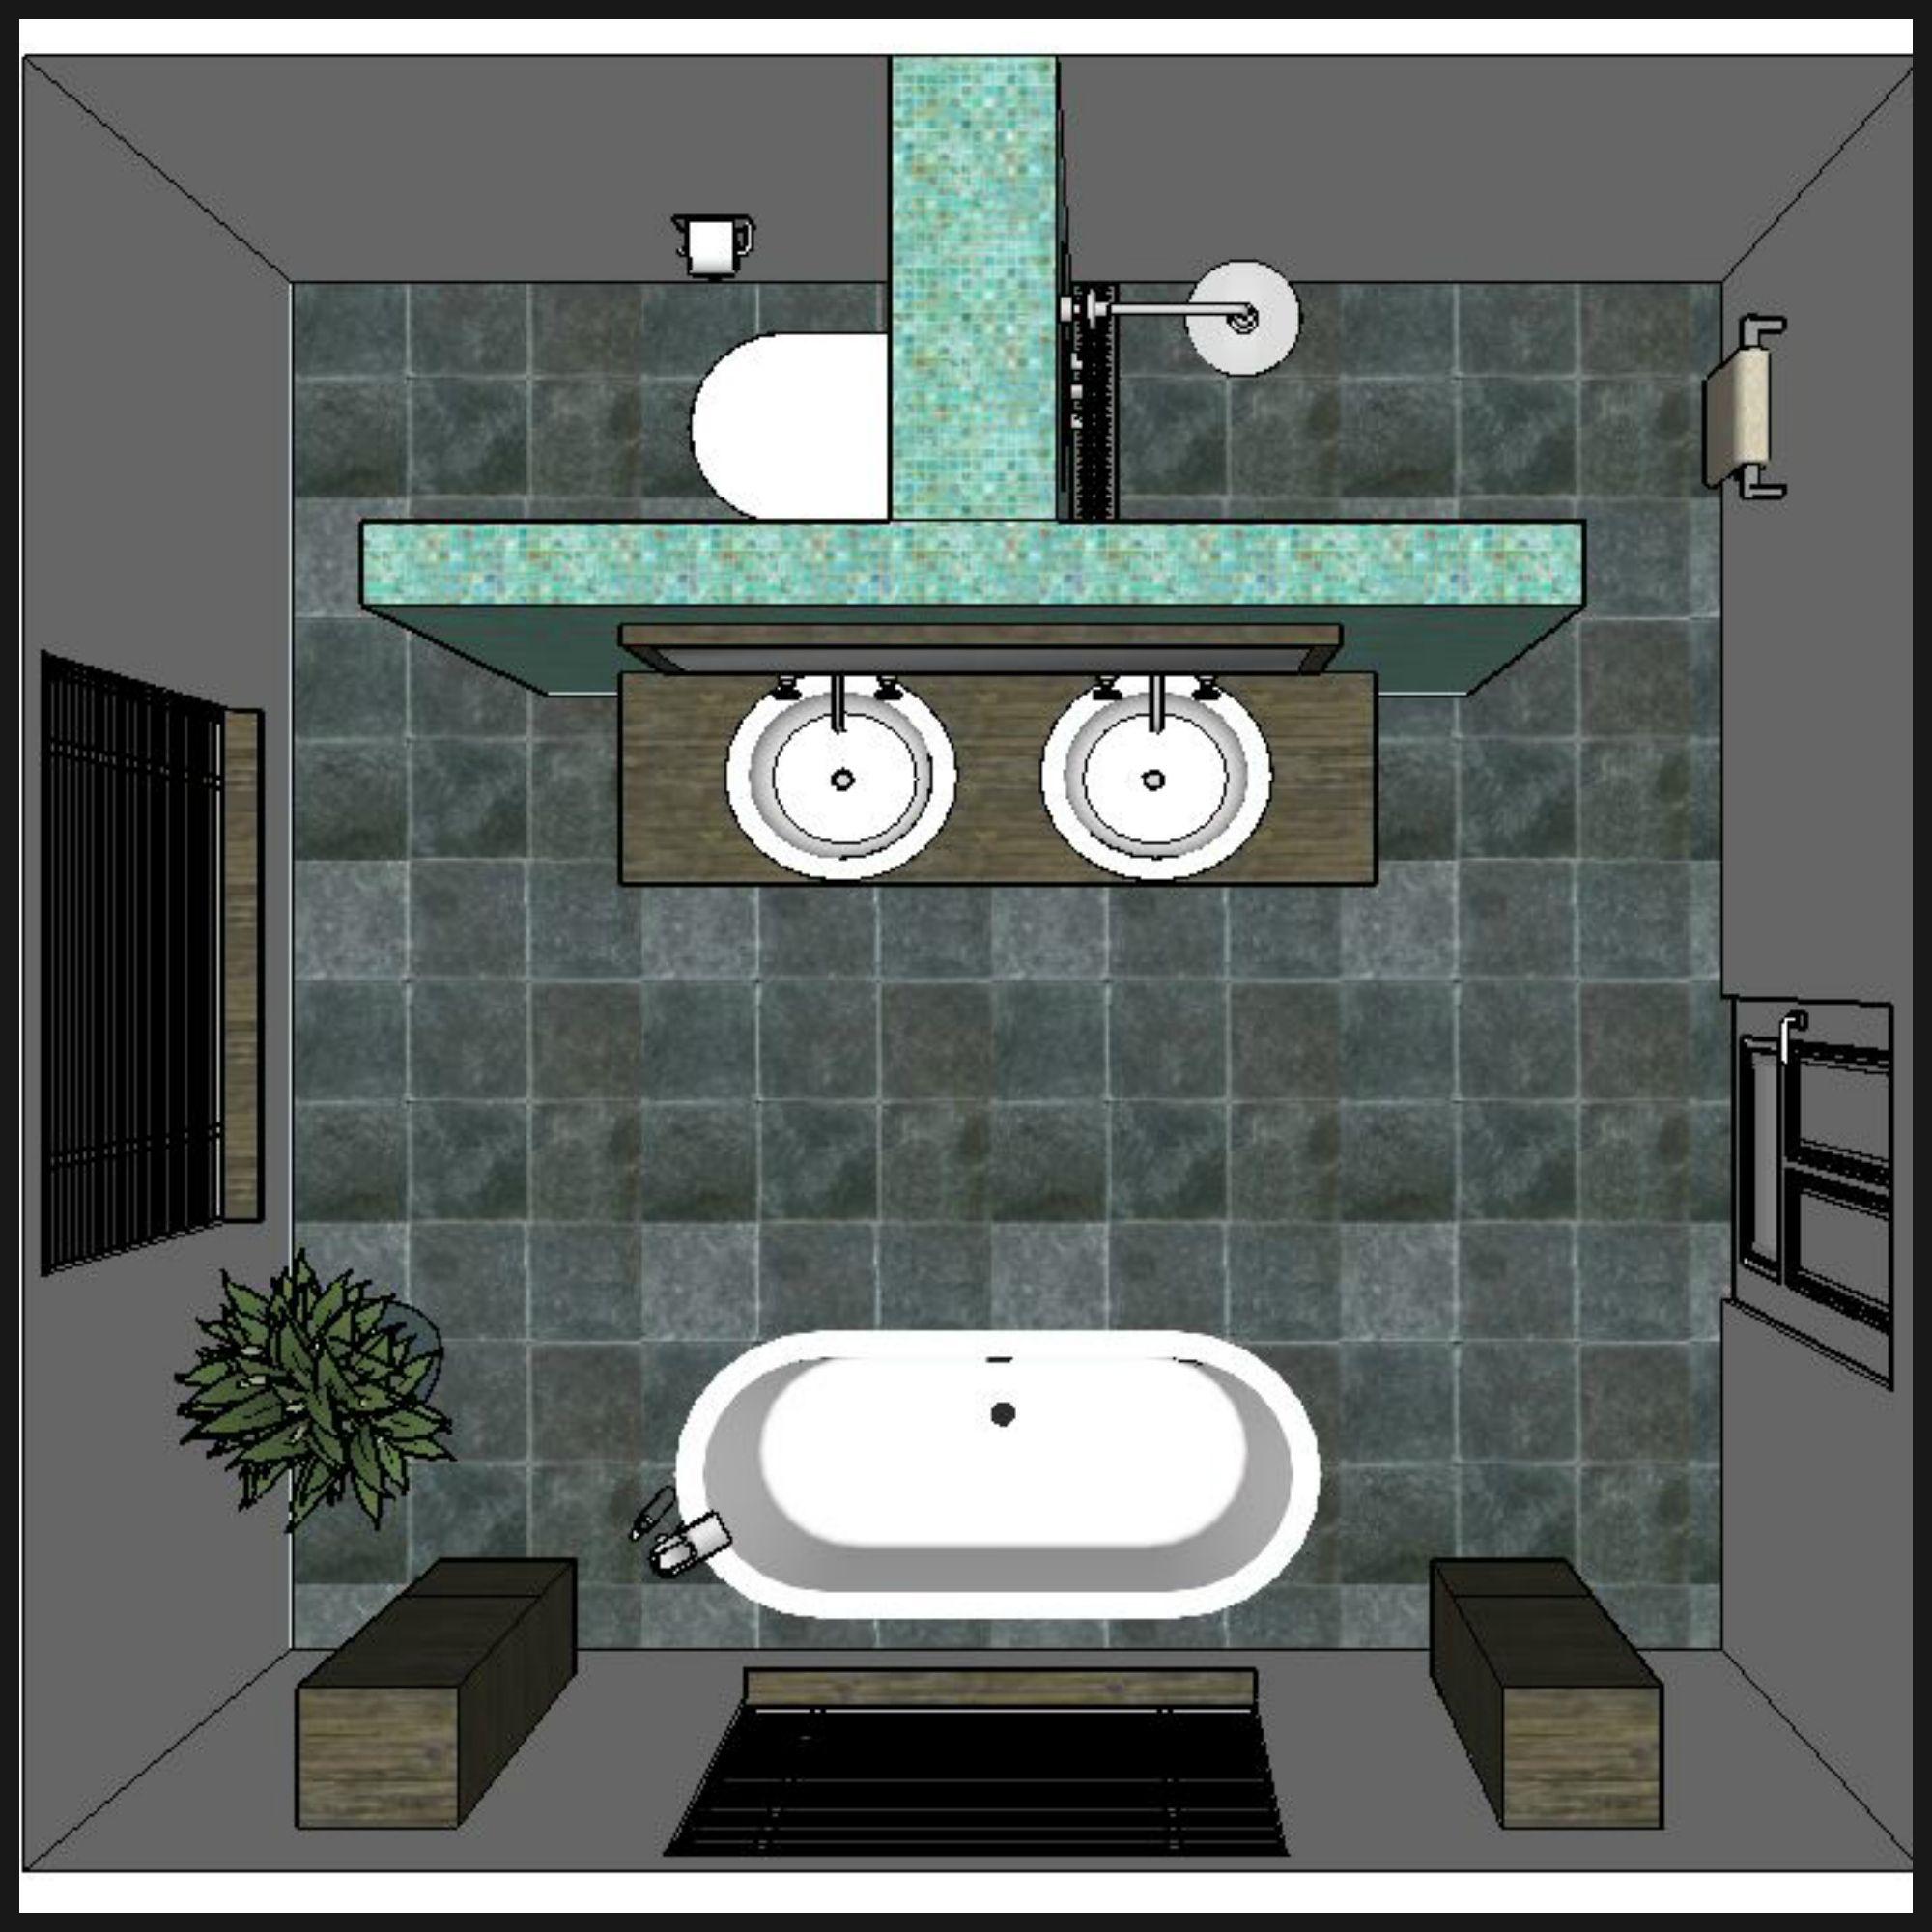 Snail Shower Design Ideas: Inspiratie & Voorbeelden